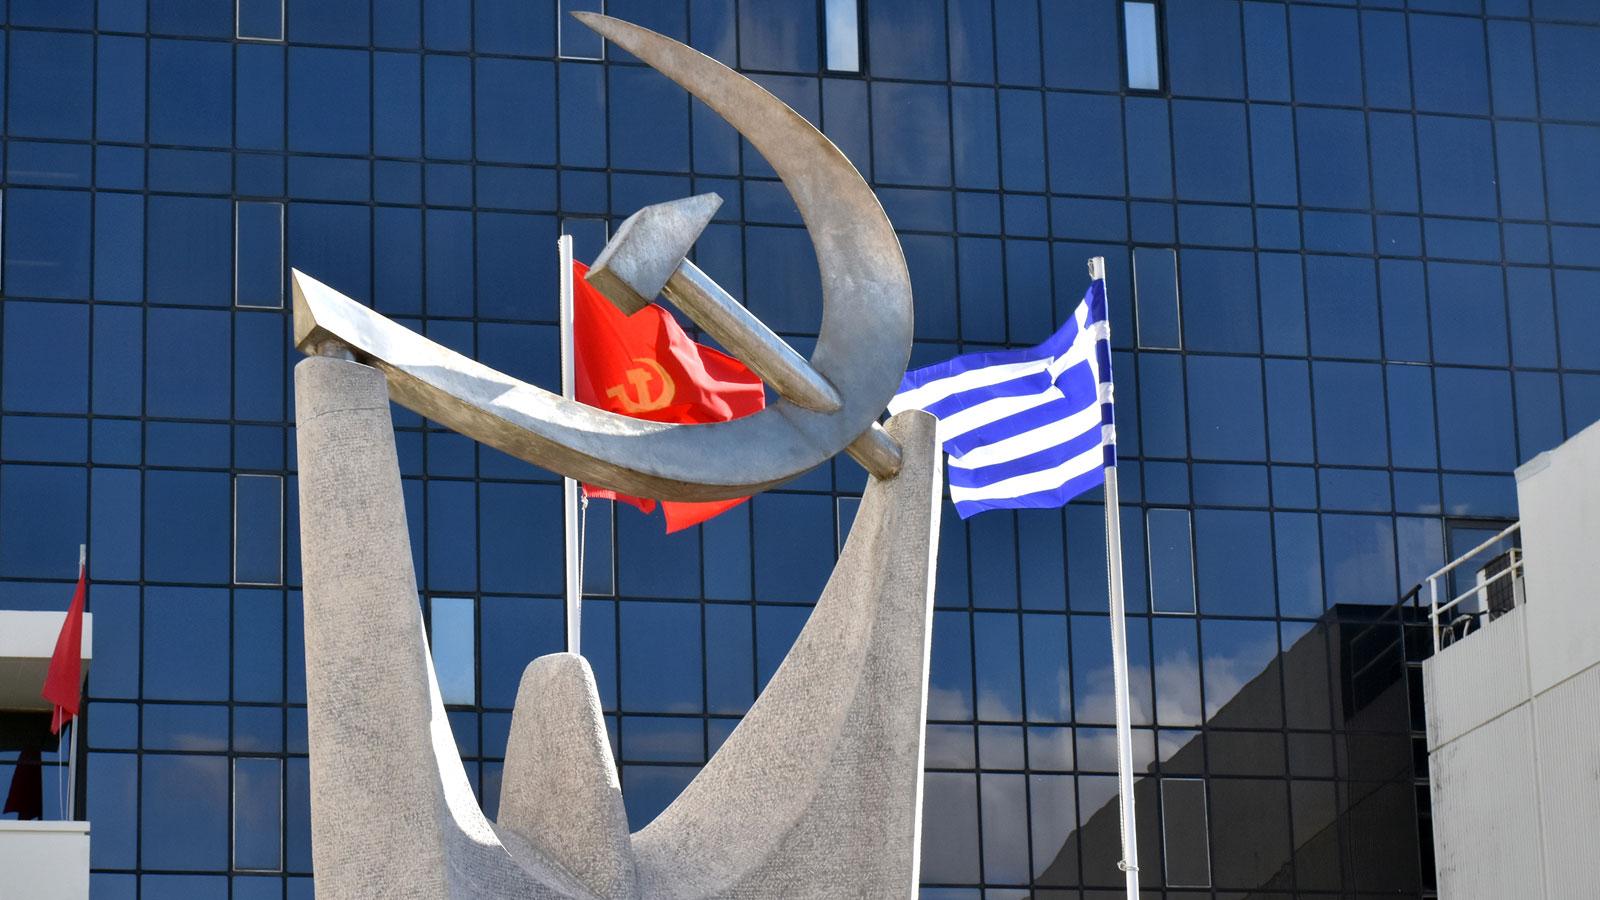 Ευρωκοινοβουλευτική Ομάδα ΚΚΕ: Η ΕΕ αρνείται να δημοσιοποιήσει τα συμβόλαια με τις εταιρείες για τα εμβόλια του κορονοϊού